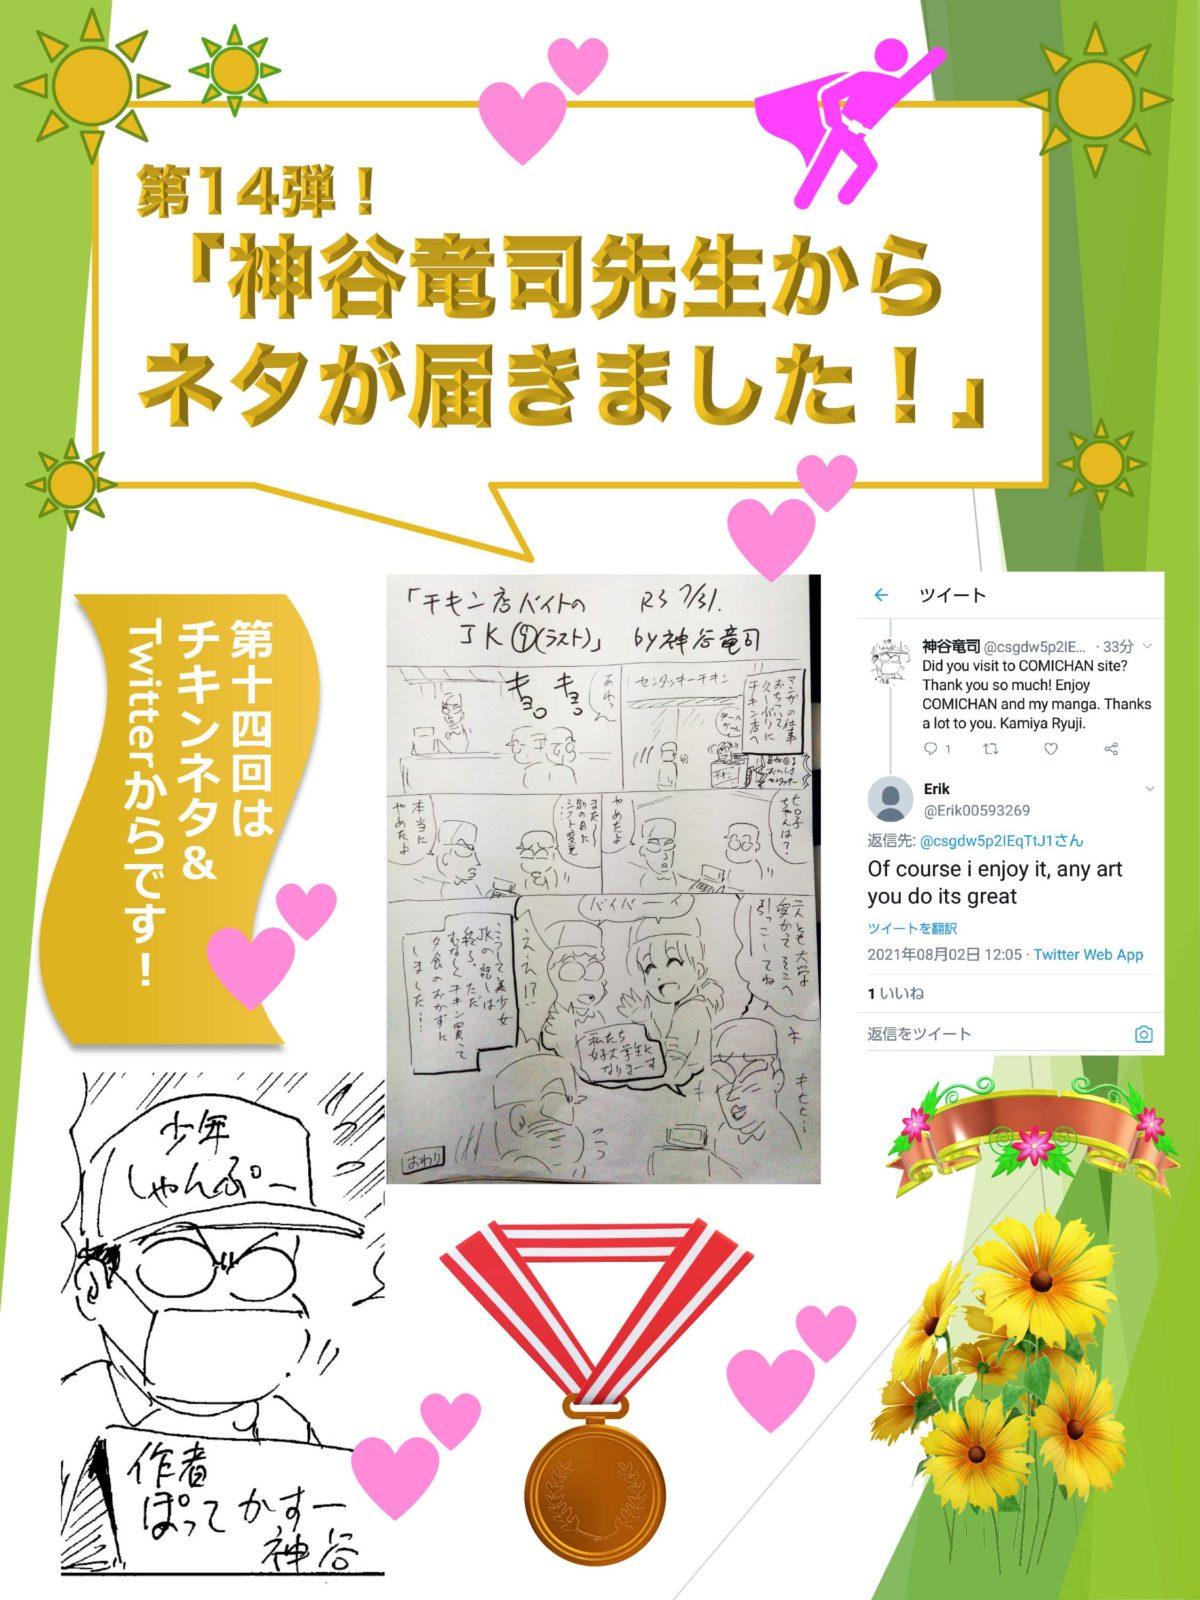 「神谷竜司先生からネタが届きました!」その14です! 今回も2ネタ!